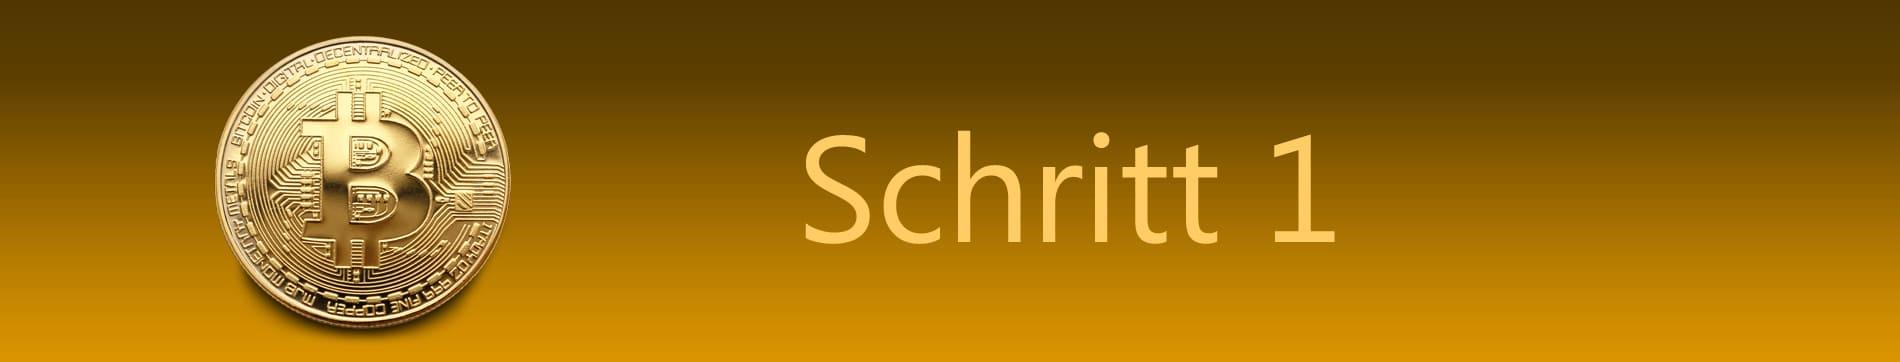 trading bot deutsch cryptoteam